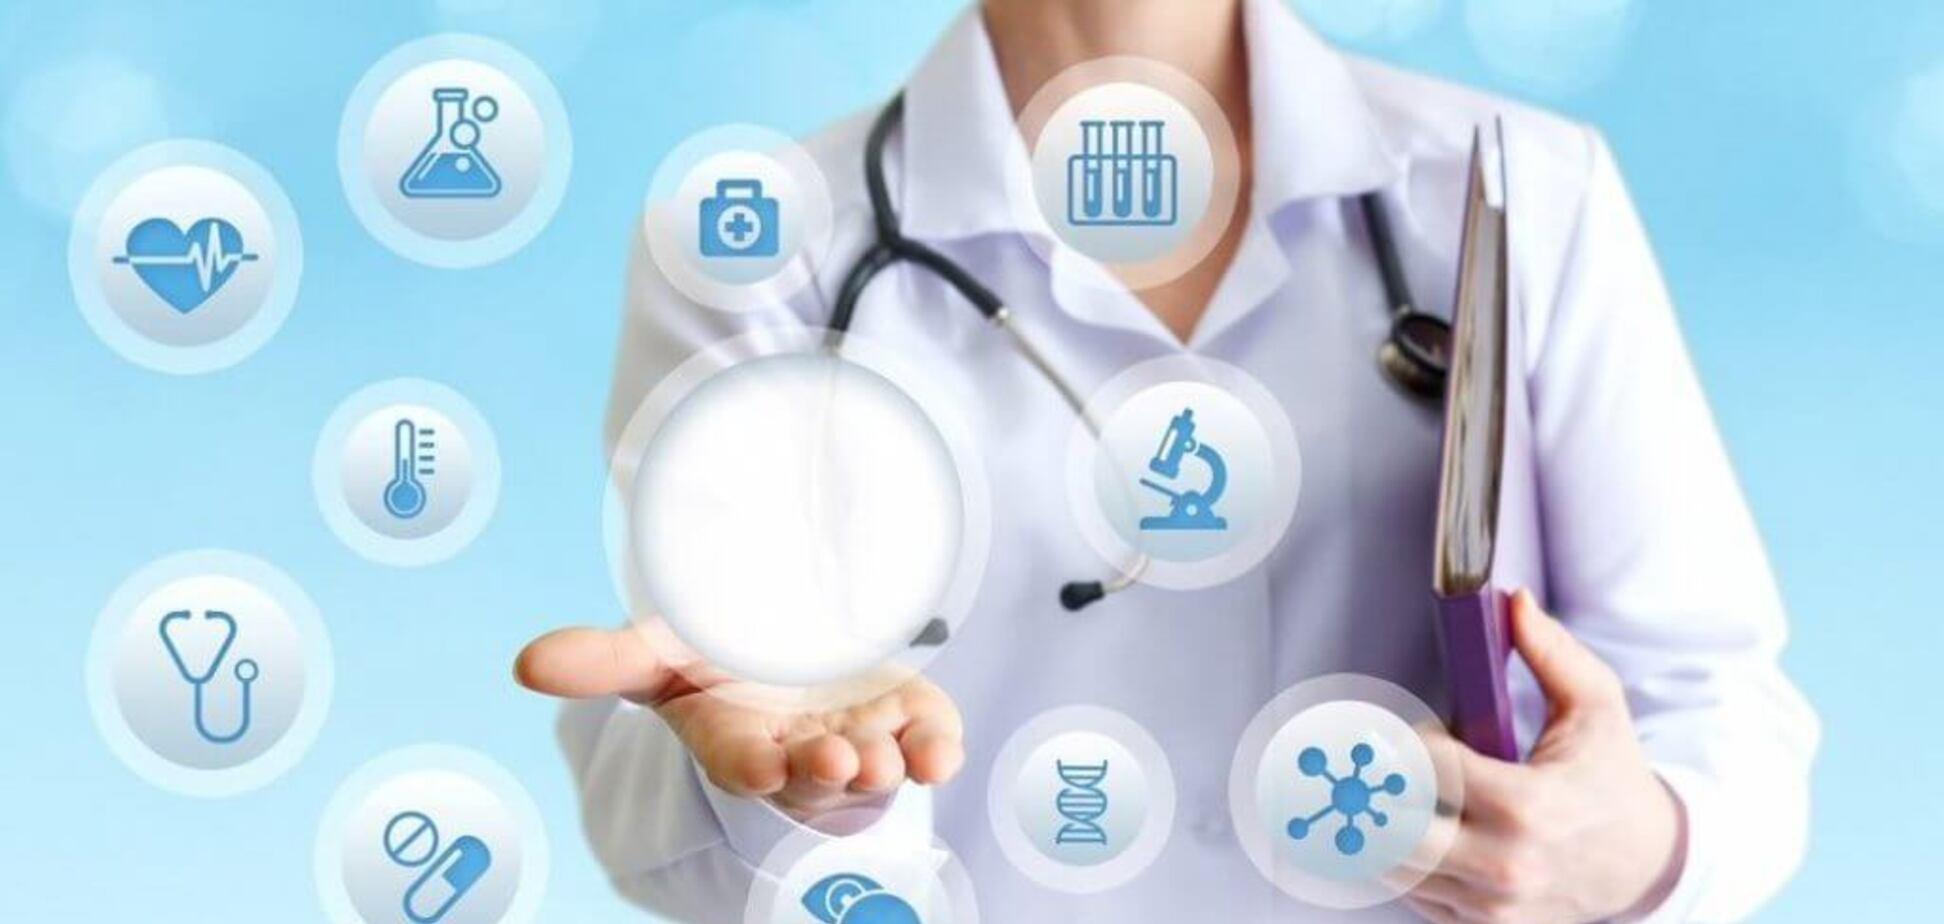 Медичні дослідження і шахрайство – що між ними спільного